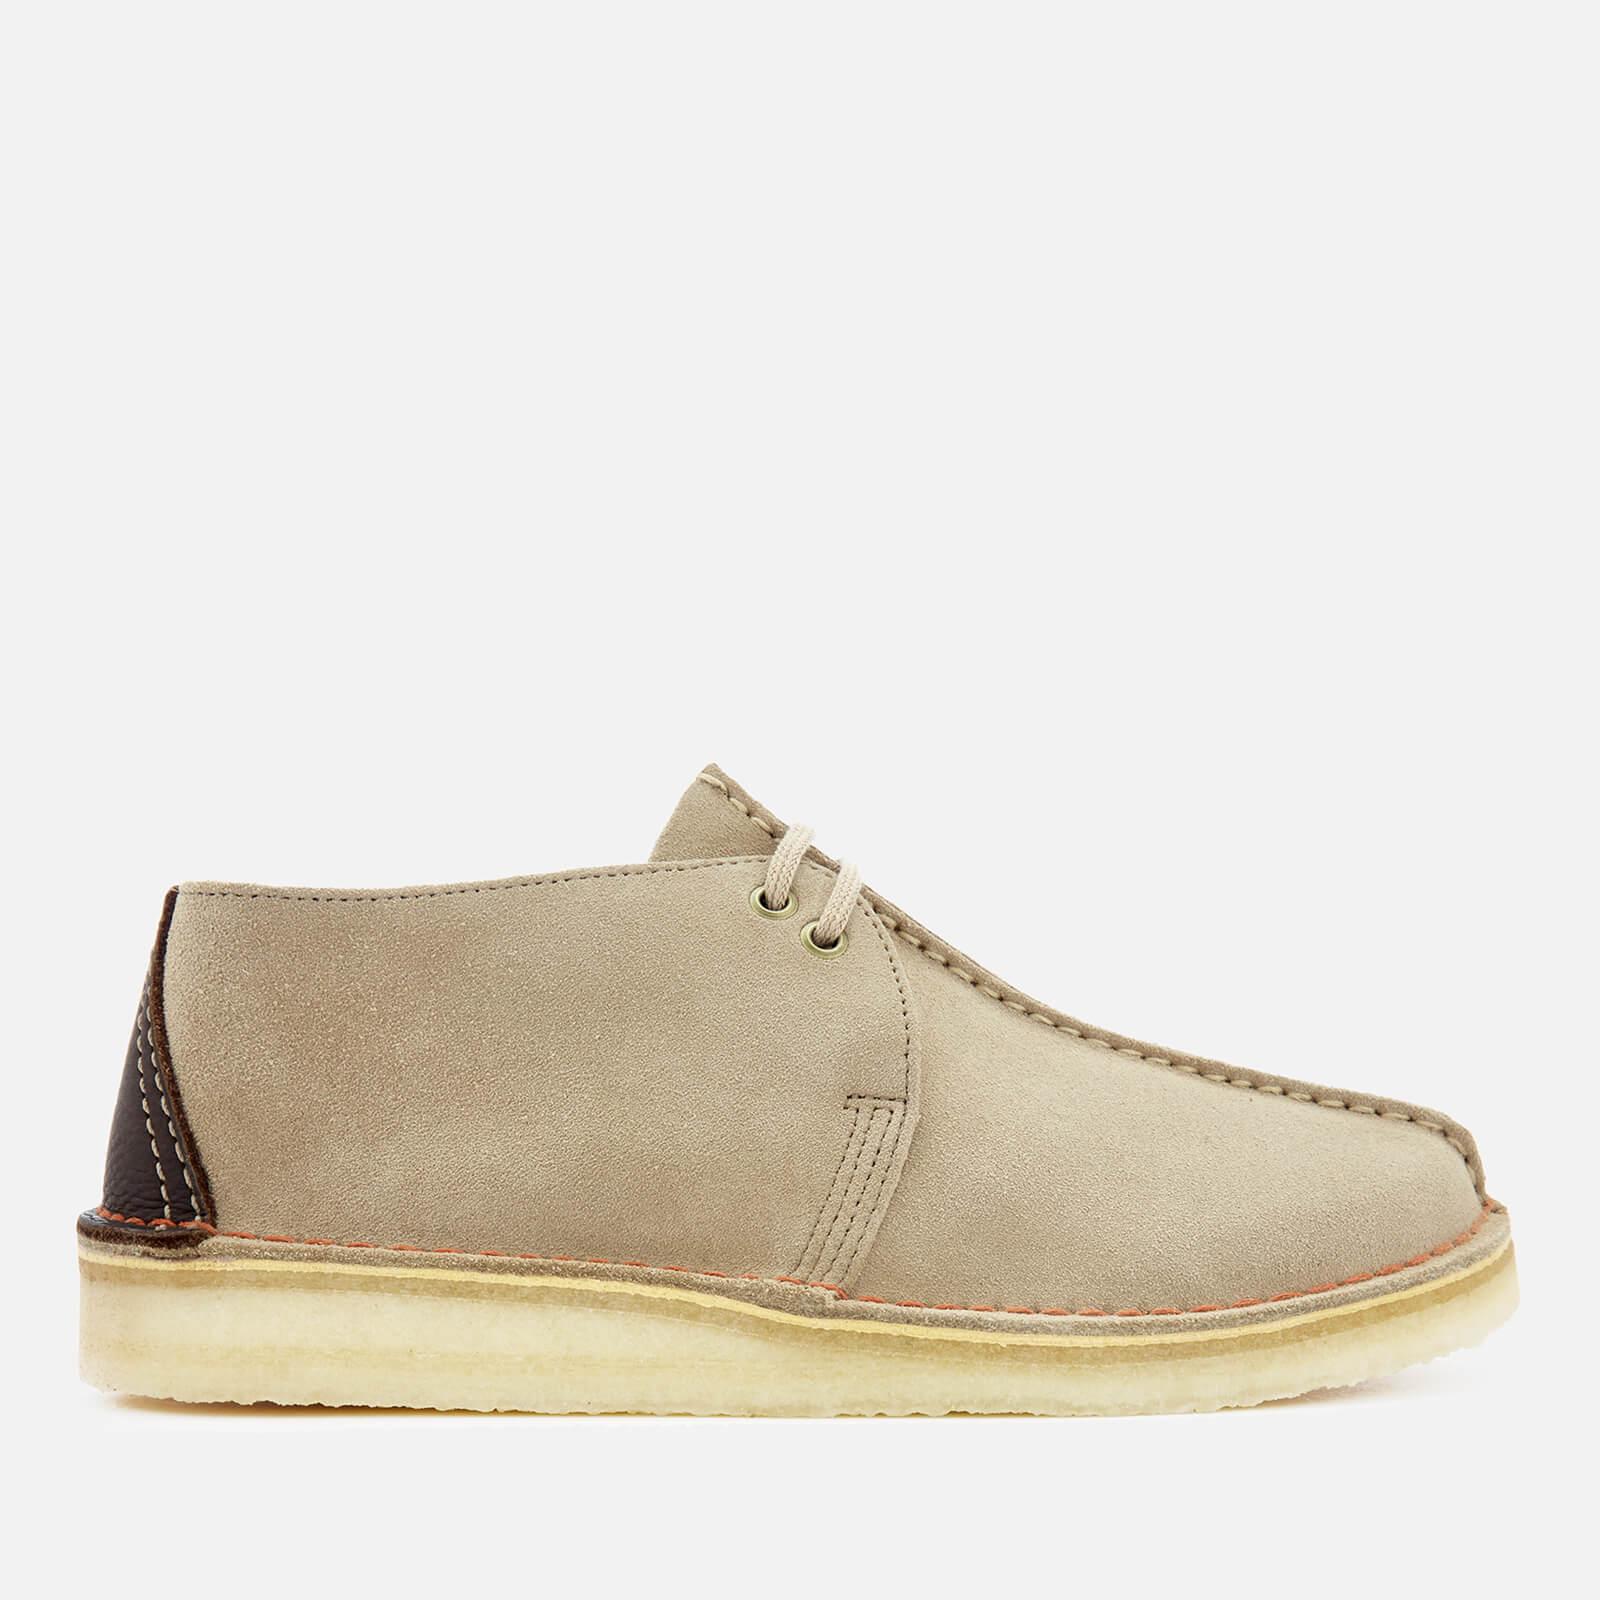 Clarks Originals Men's Desert Trek Suede Shoes - Sand - UK 7